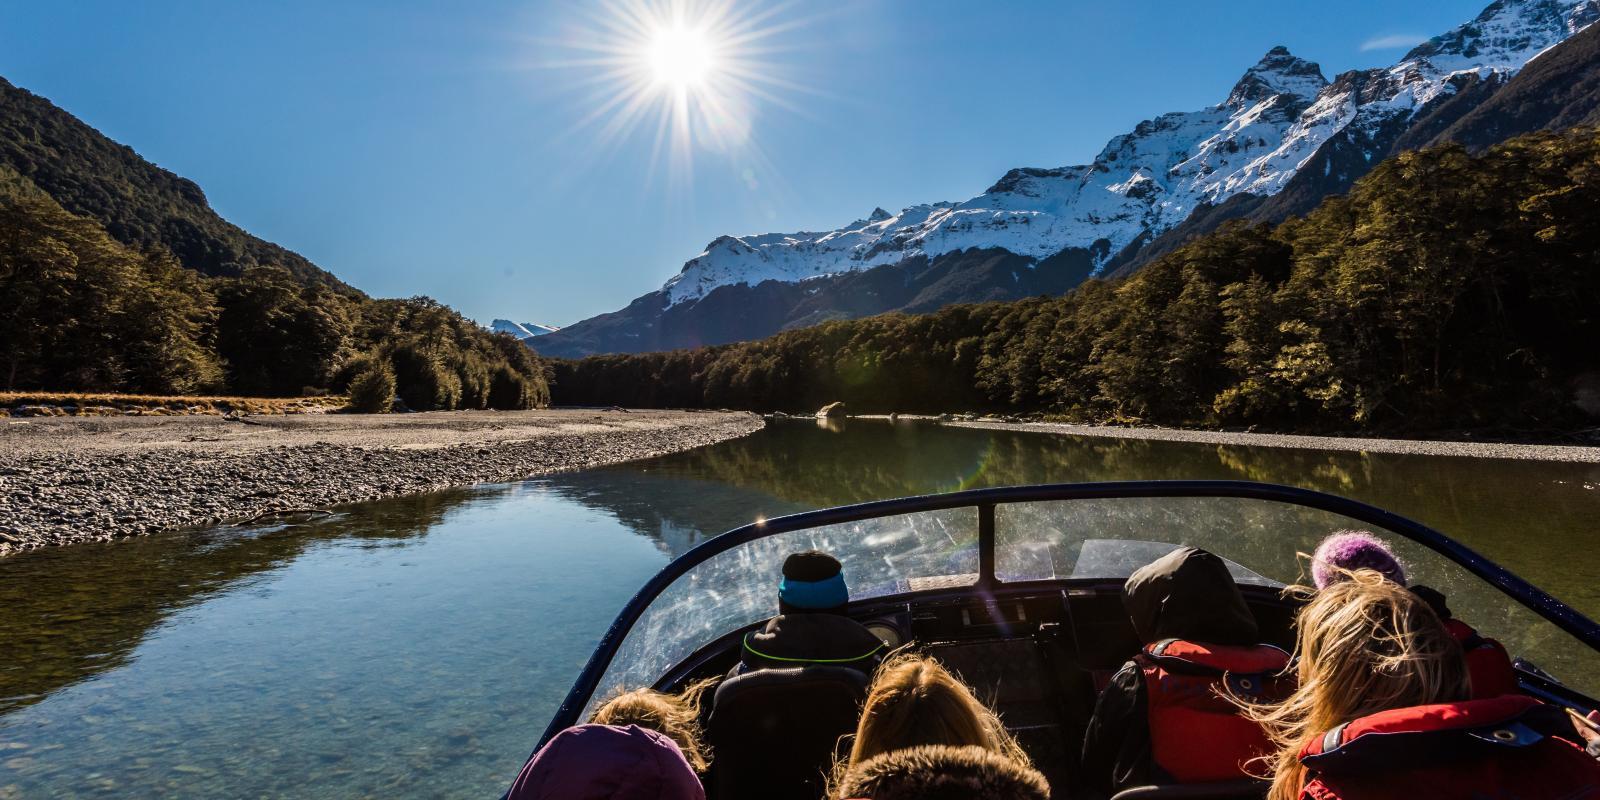 Dart River jet boating